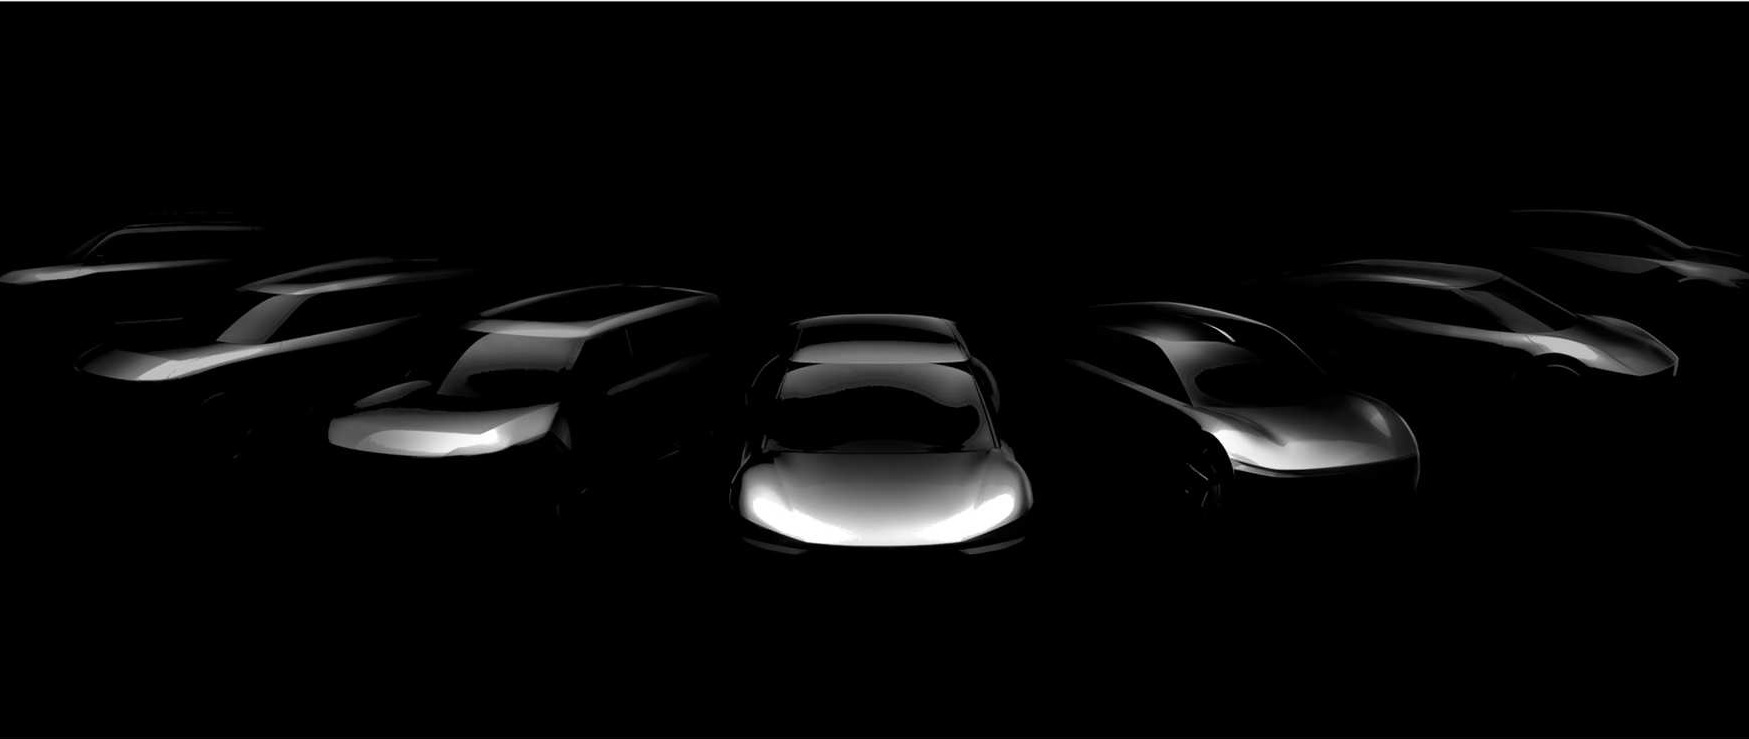 Kia tem planos ousados para nova linha de carros elétricos - pelos esboços, vemos hatches, SUVs, sedãs...